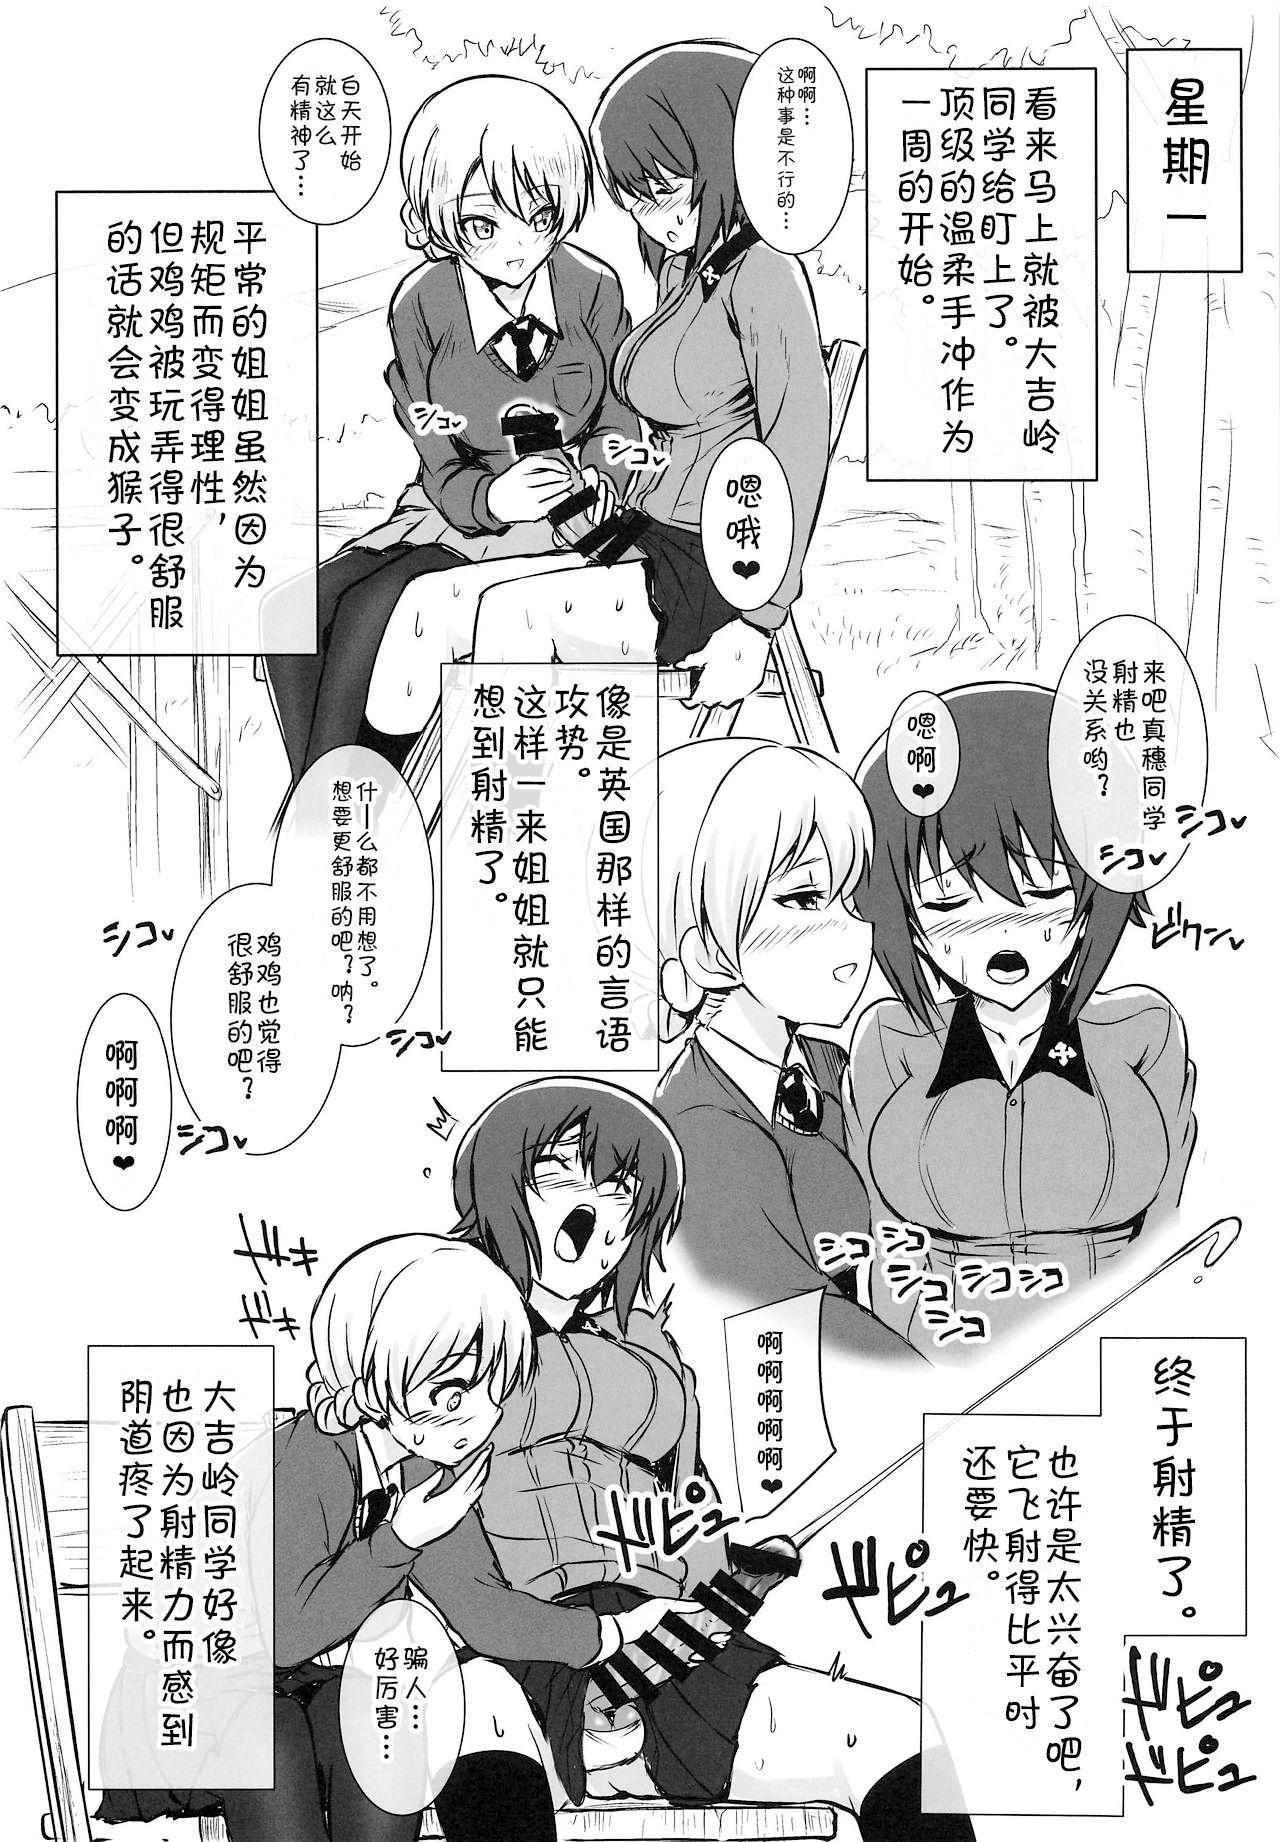 Futa Maho Seiyoku Nikki 3